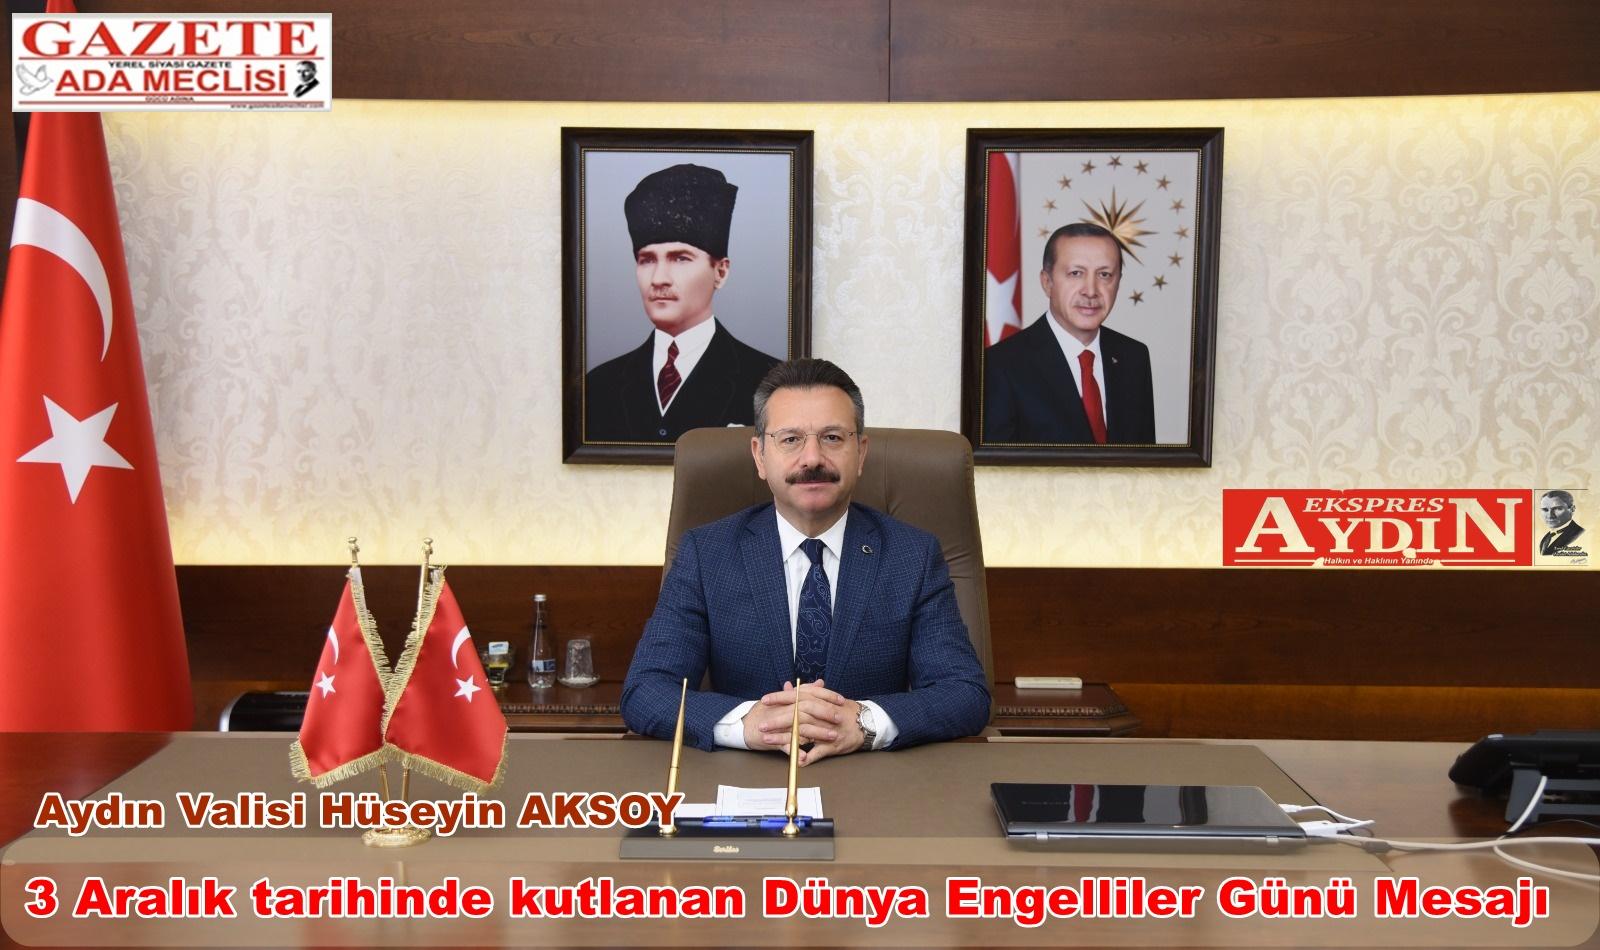 Aydın Valisi Hüseyin Aksoy'un Her yıl 3 Aralık tarihinde kutlanan Dünya Engelliler Günü Mesajı